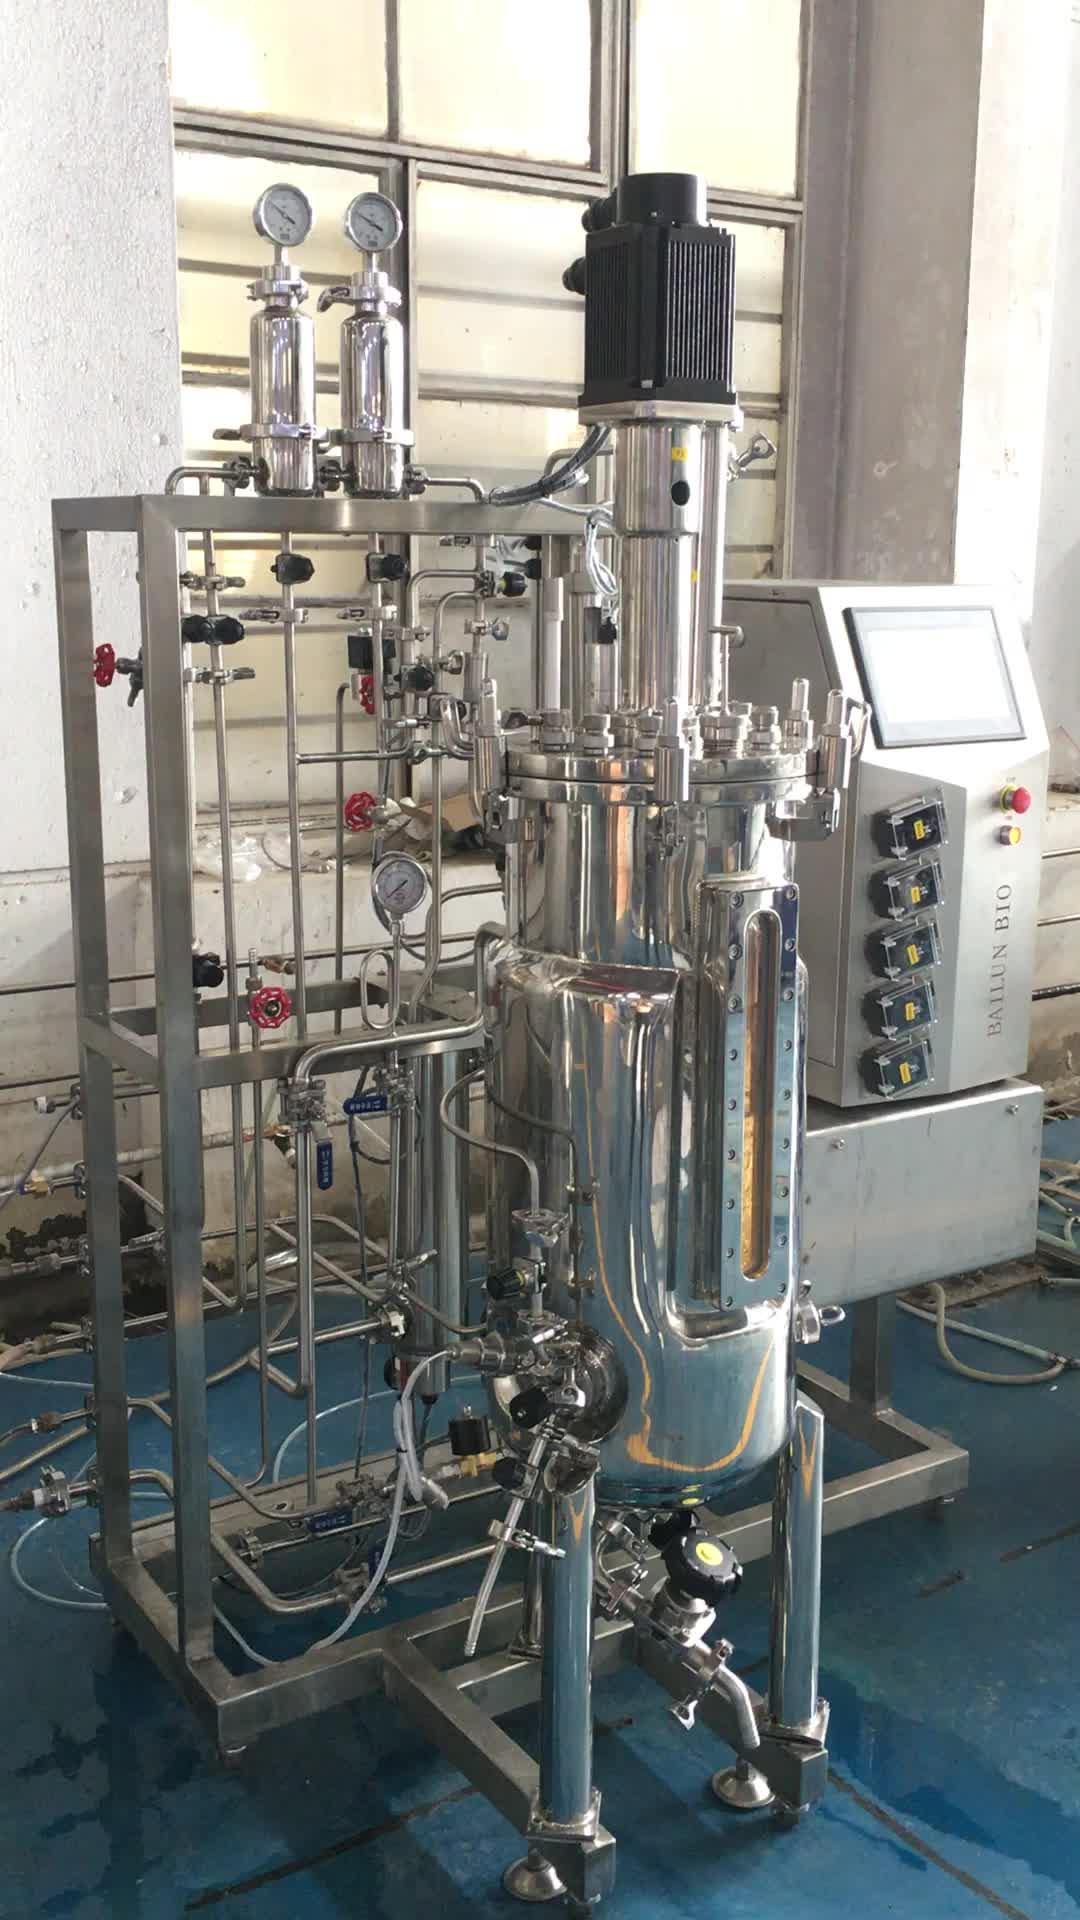 ミニ冷蔵庫発酵とキルワイン酵母、馬後肢ガット発酵槽、ブラウン発酵槽